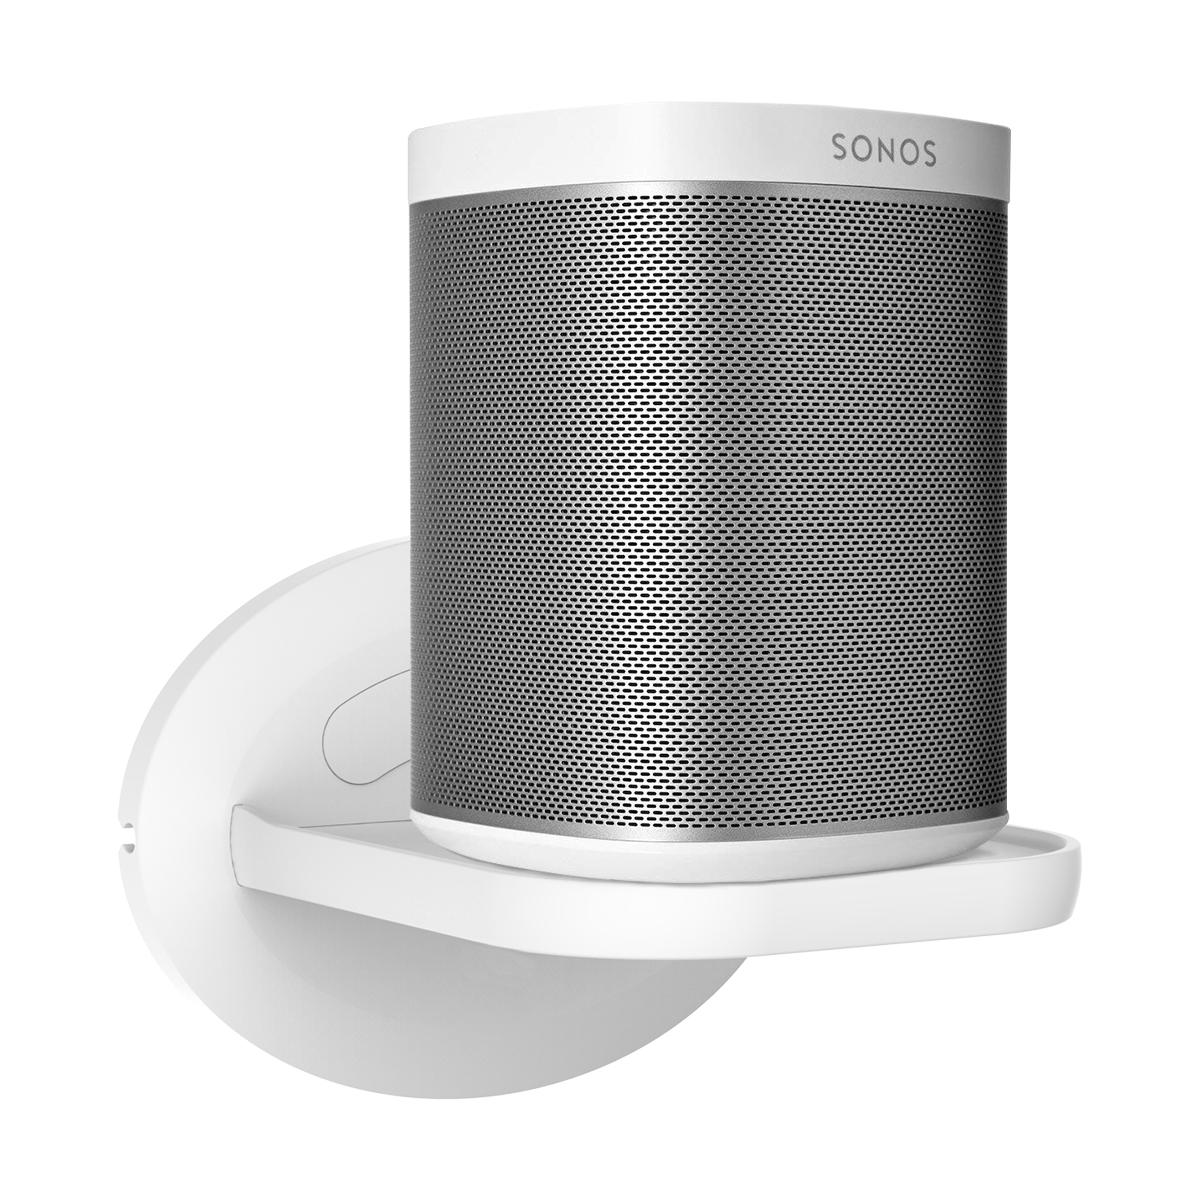 Kcnsieou Soporte de pared de metal firme y estable para Sonos Play1 soporte de pared de escritorio con carga de 6 kg